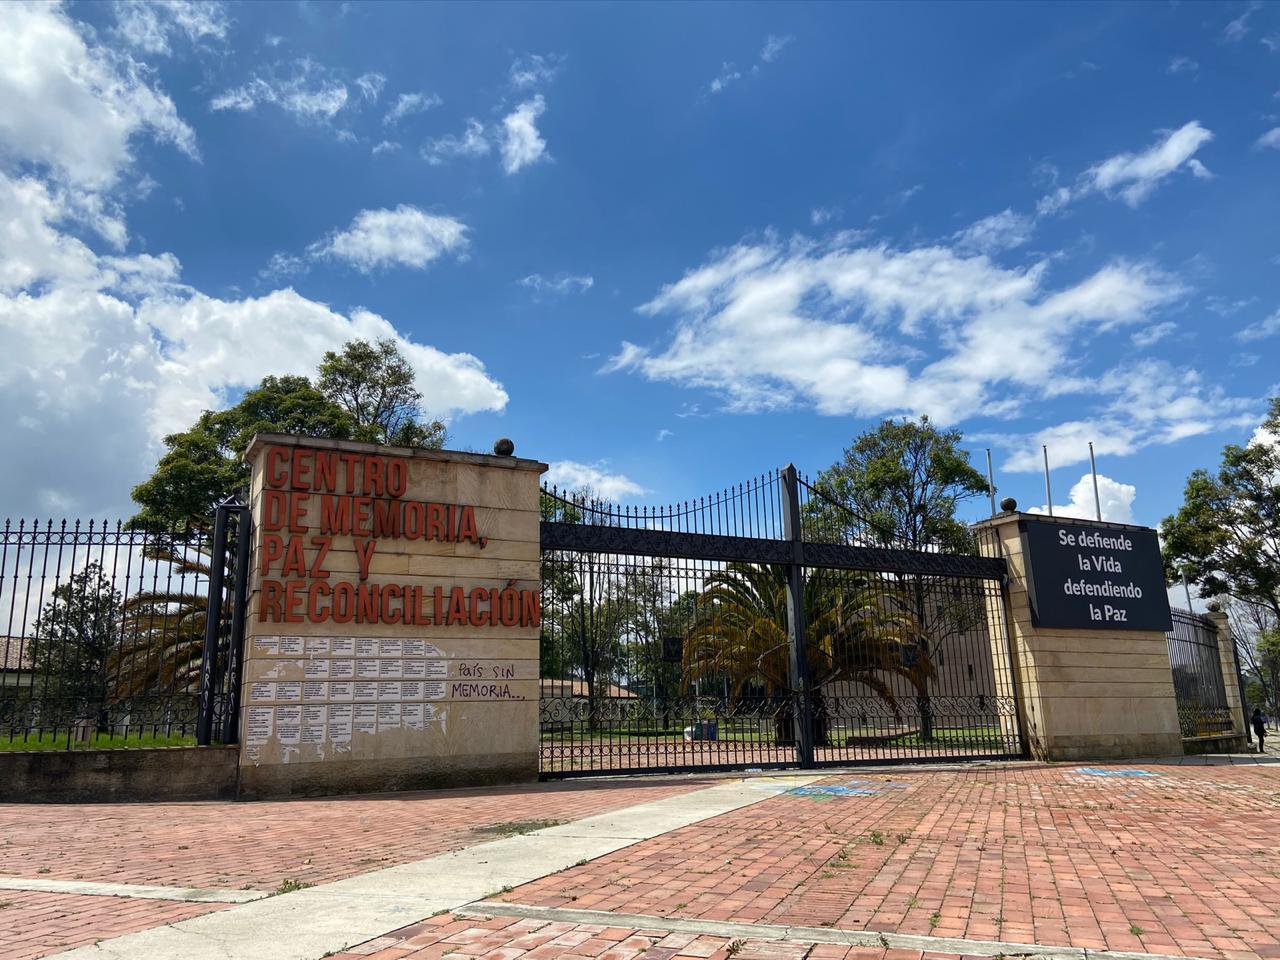 Cdmh1: Entrada principal del Centro de Memoria Histórica con vista a la ciclovía de la calle 26.